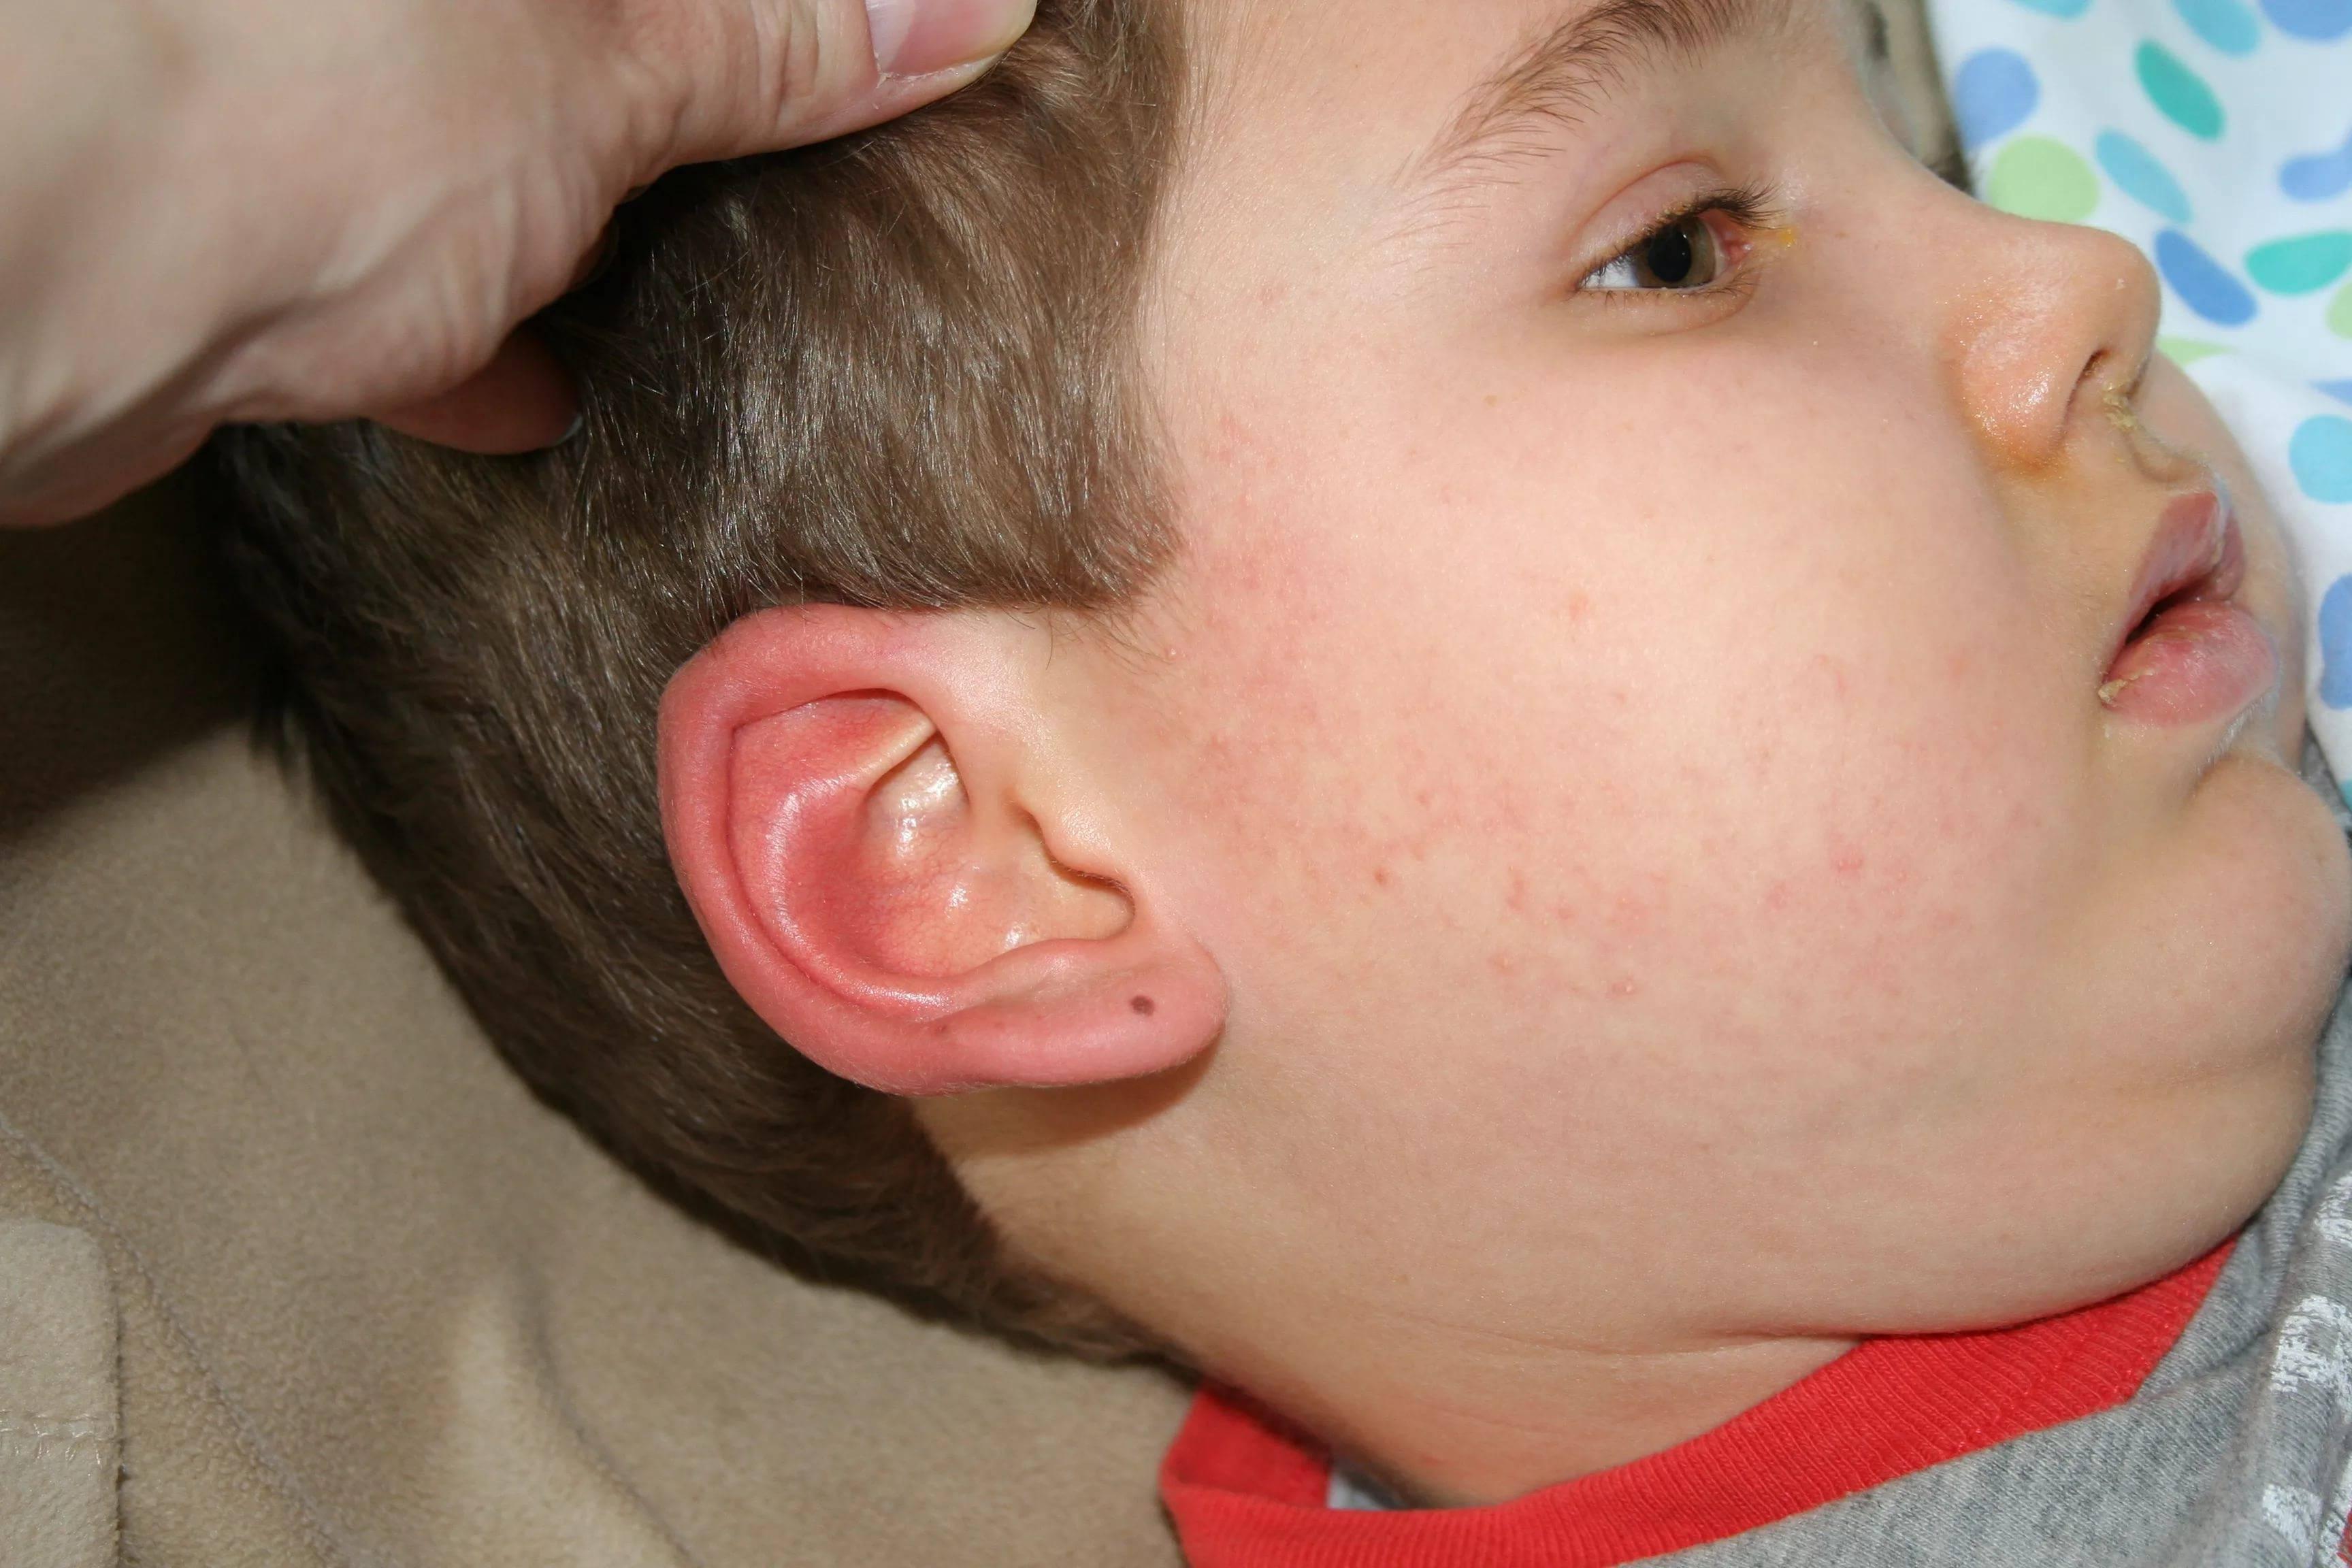 Причины появления и методы лечения фурункулов у детей − поможет ли ребенку домашнее алоэ?